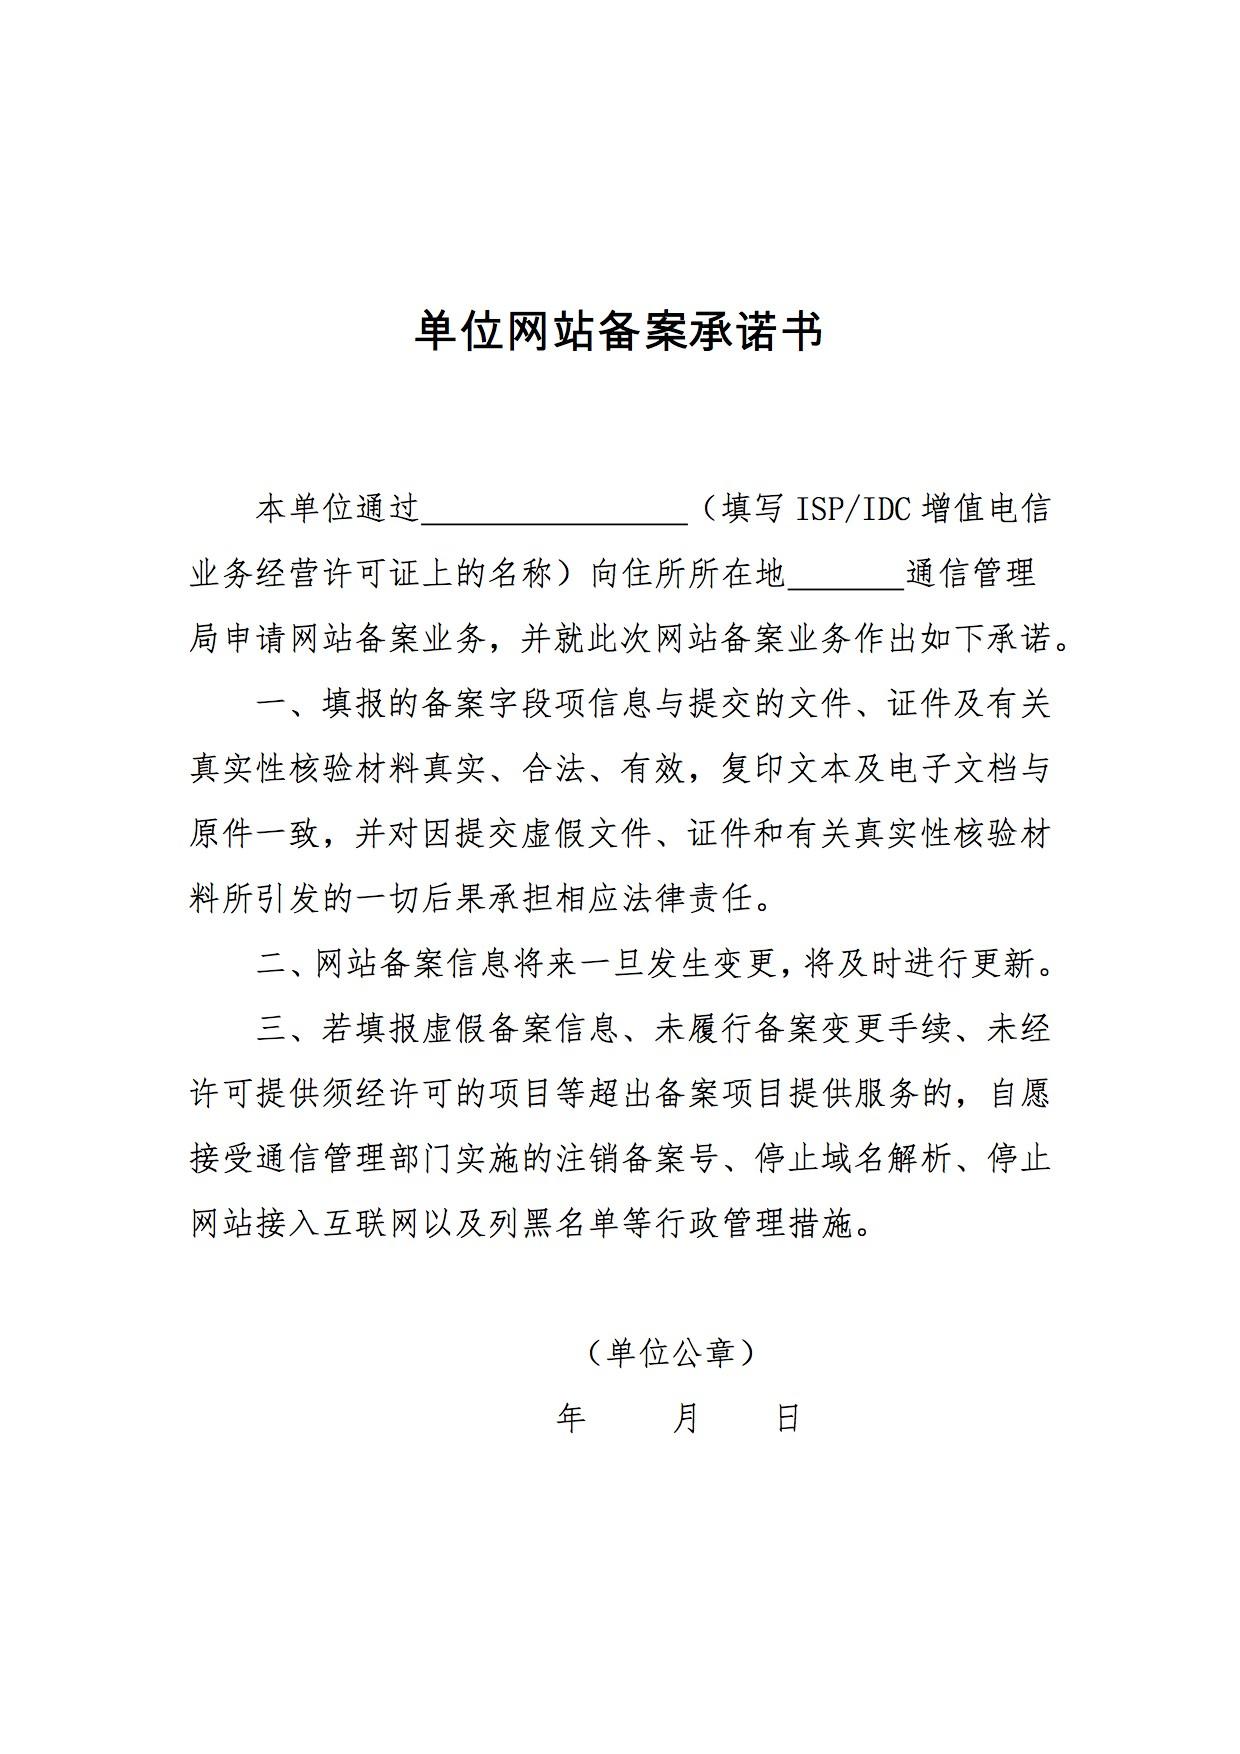 阿里云单位网站备案承诺书下载